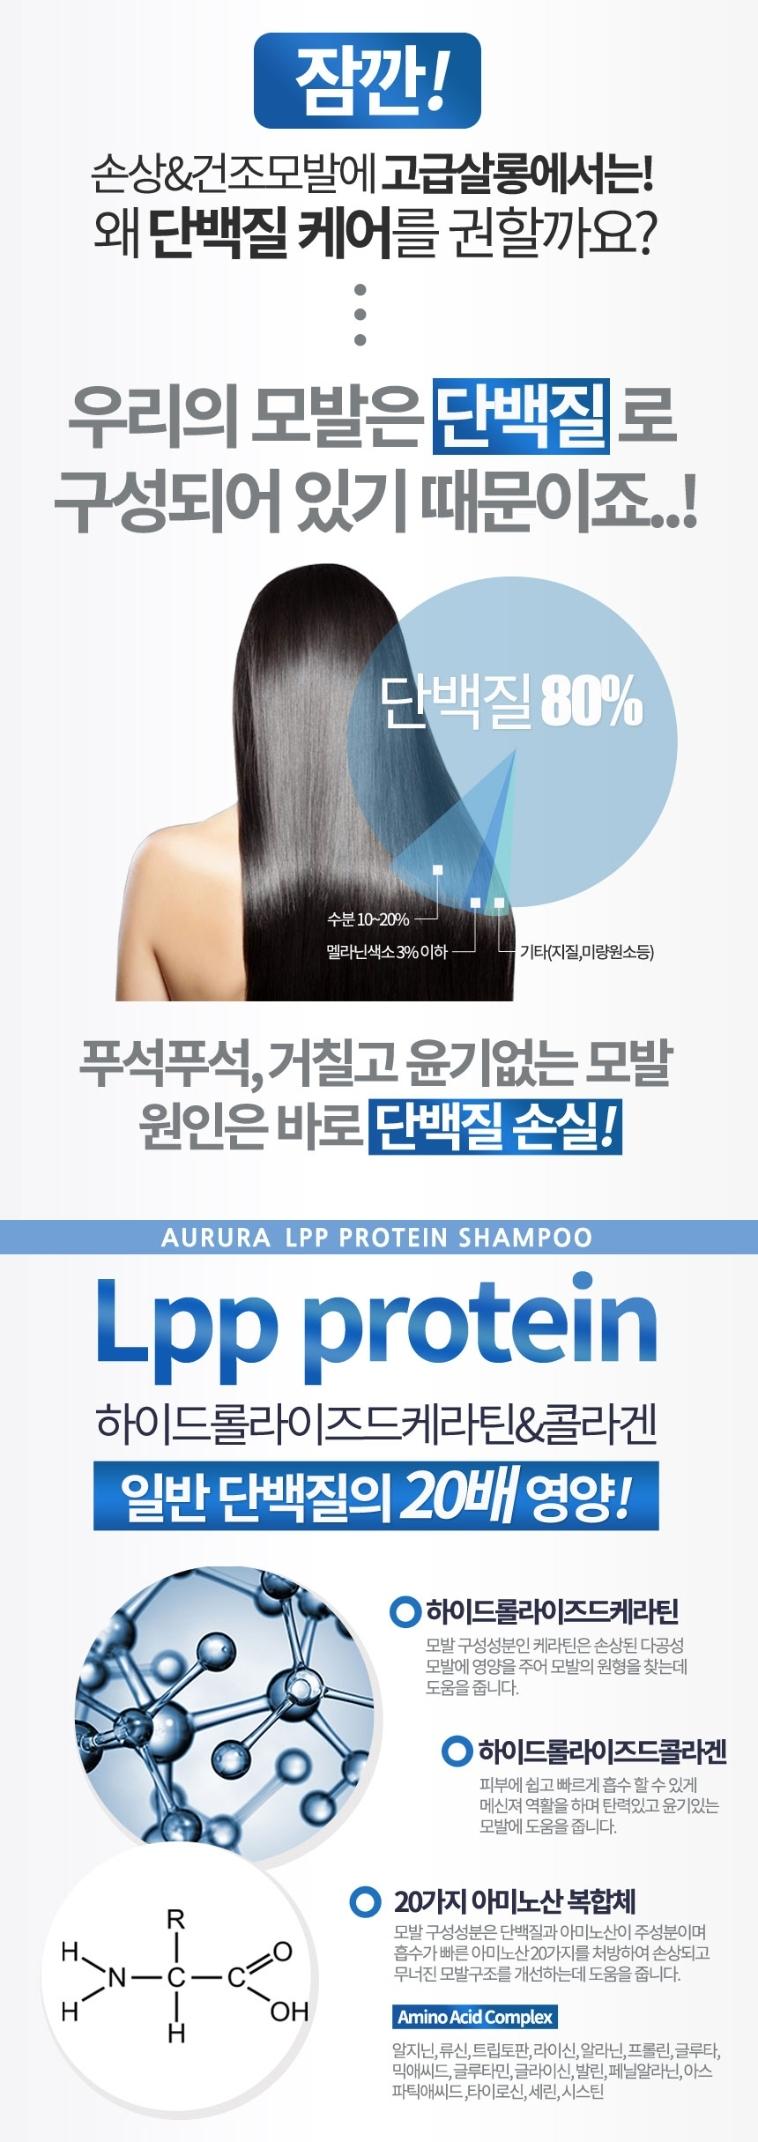 오로라 LPP 프로테인 샴푸 1+1 2000ml - 오로라, 19,800원, 헤어케어, 샴푸/린스